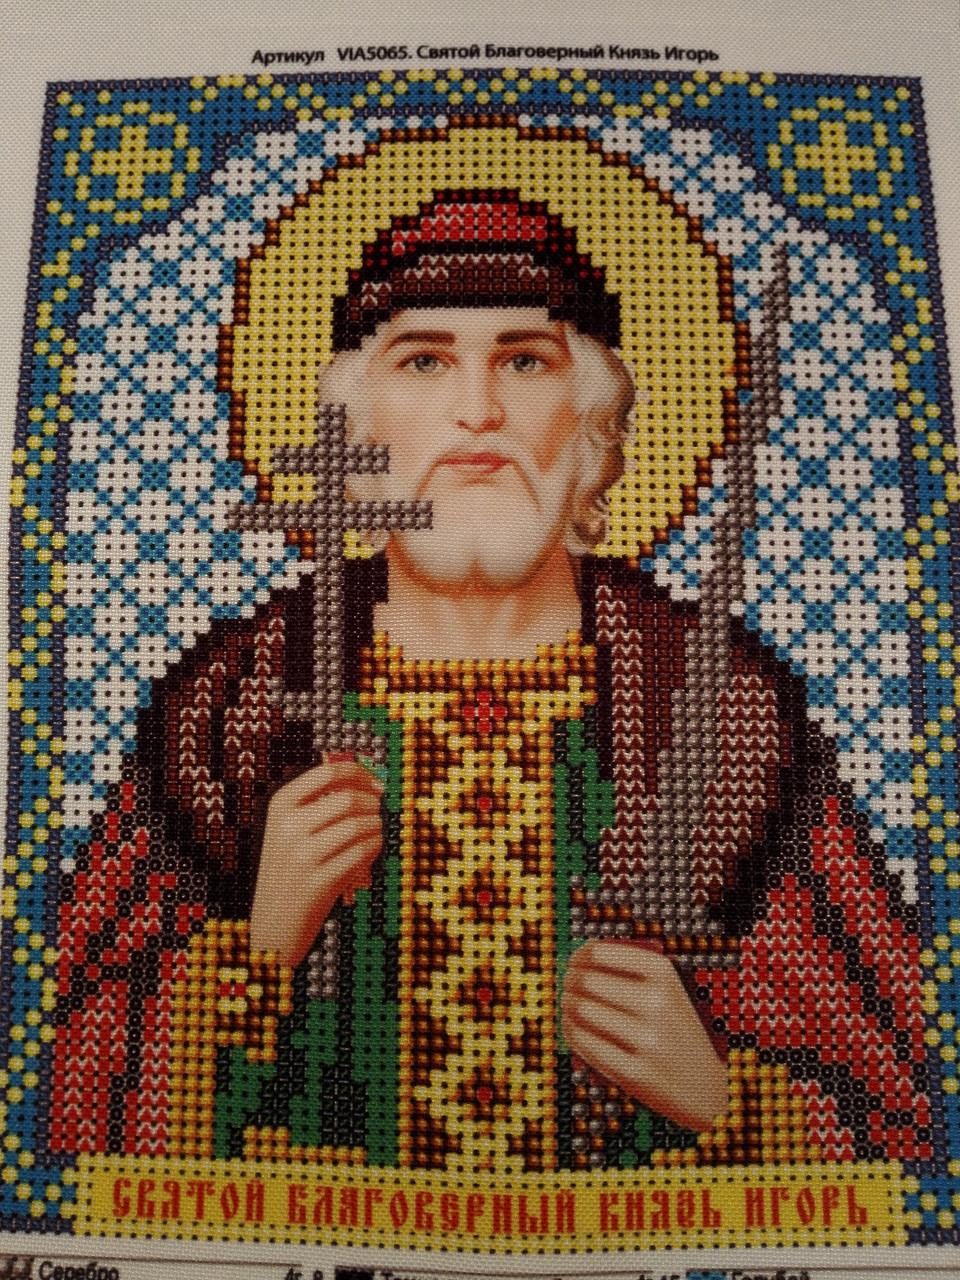 Набор для вышивки бисером икона Святой Благоверный Князь Игорь VIA 5065